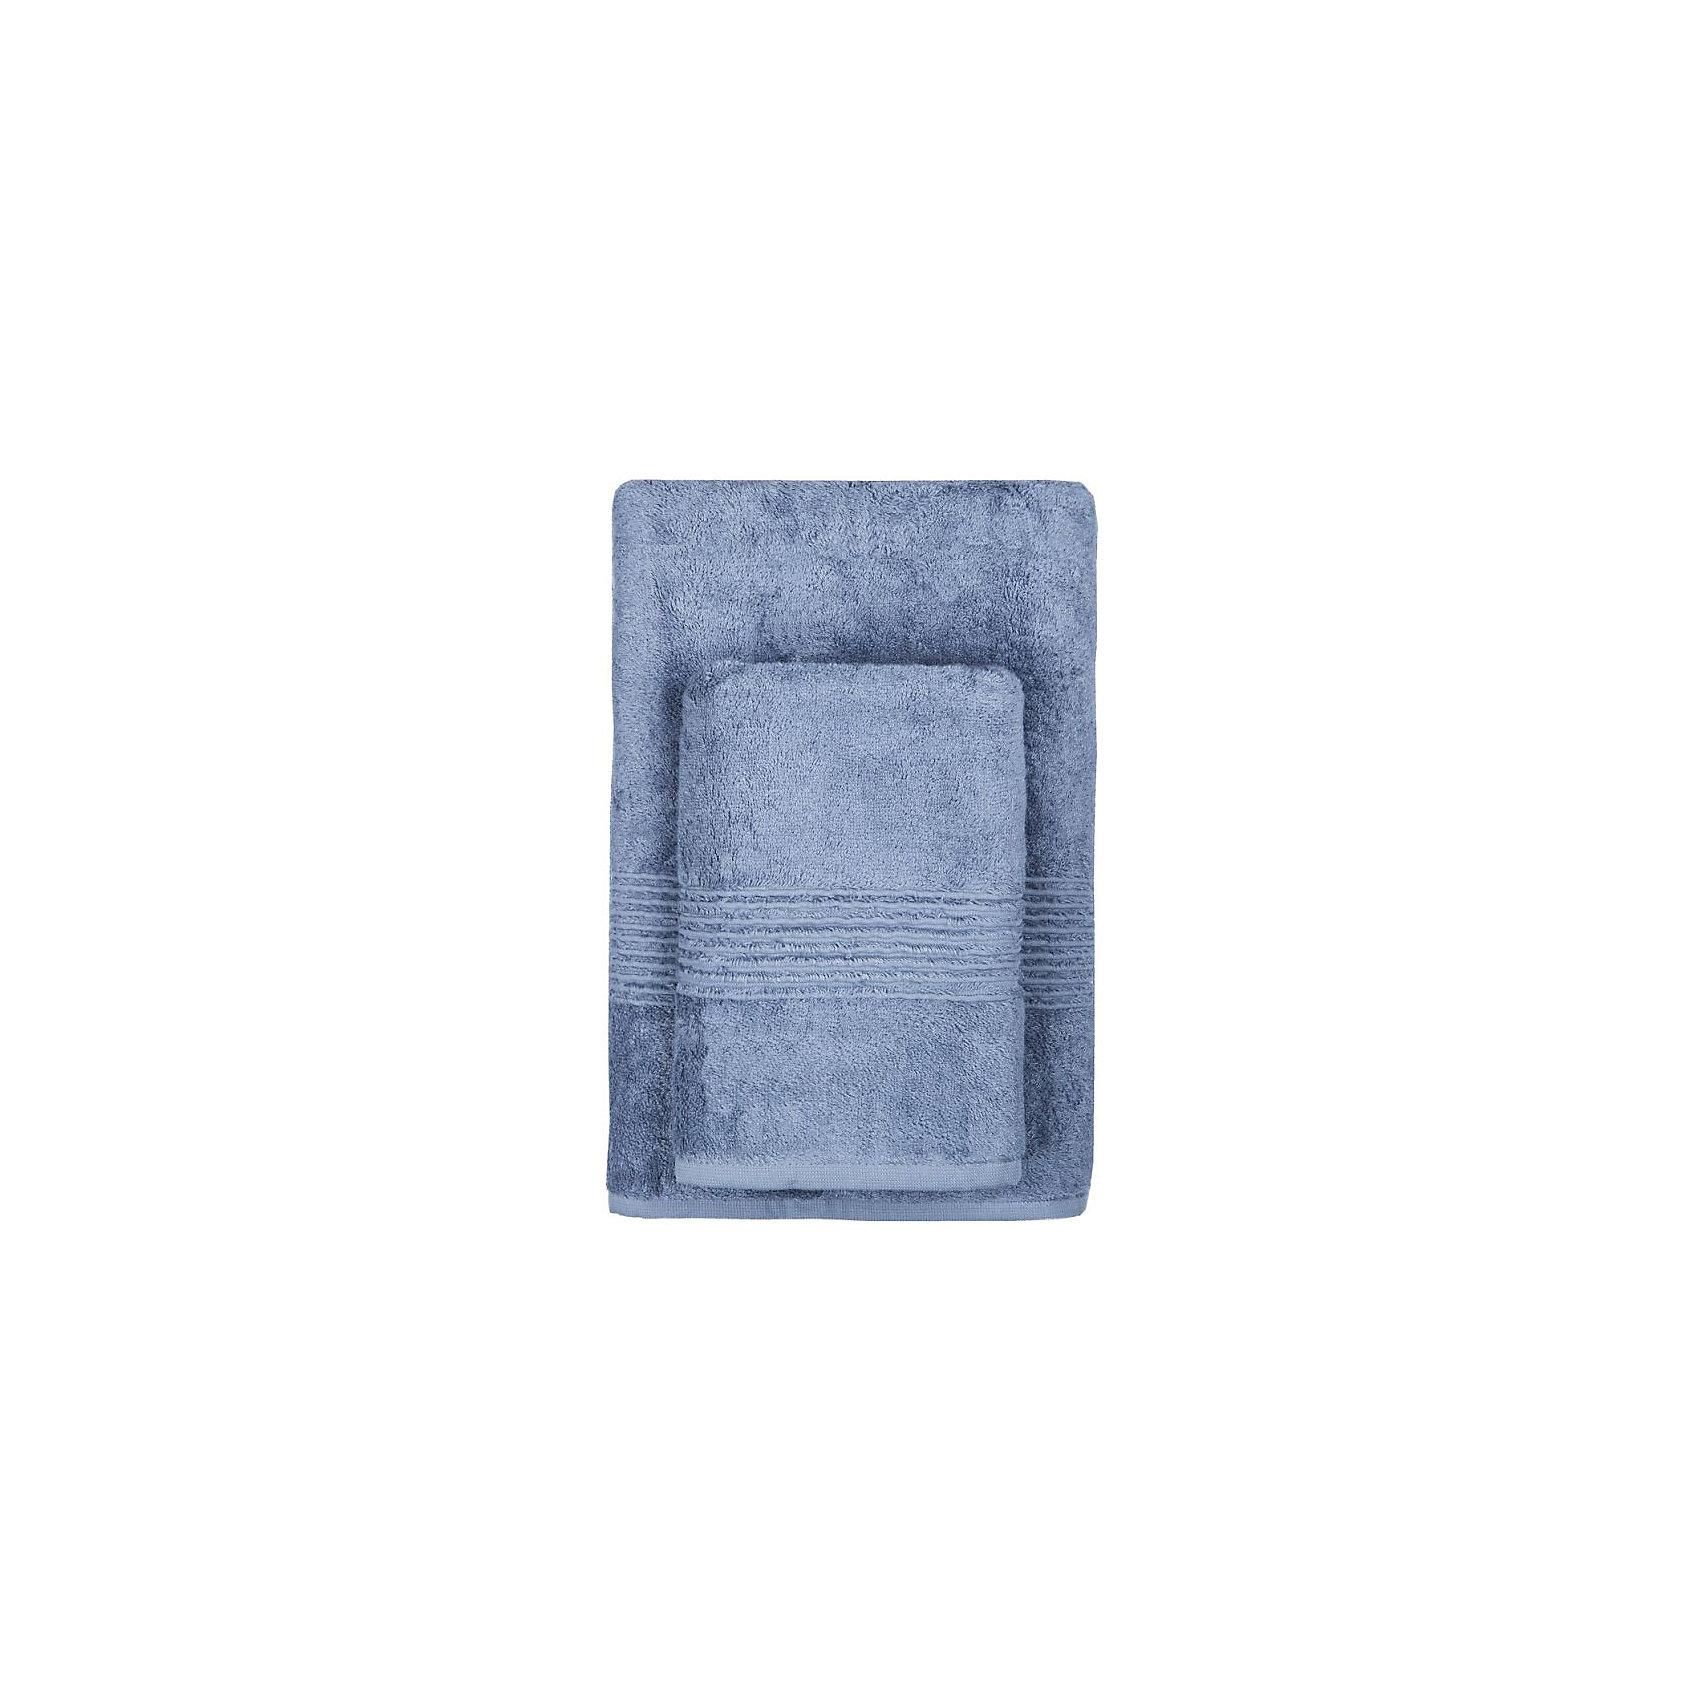 Полотенце махровое Maison Bambu, 50*90, TAC, синий (k.mavi)Ванная комната<br>Характеристики:<br><br>• Вид домашнего текстиля: махровое полотенце<br>• Размеры полотенца: 50*90 см<br>• Рисунок: без рисунка<br>• Декоративные элементы: бордюр<br>• Материал: хлопок, 50% хлопок; бамбук, 50%<br>• Цвет: синий<br>• Плотность полотна: 550 гр/м2 <br>• Вес: 260 г<br>• Размеры упаковки (Д*Ш*В): 25*4*25 см<br>• Особенности ухода: машинная стирка <br><br>Полотенце махровое Maison Bambu, 50*90, TAC, синий (k.mavi) от наиболее популярного бренда на отечественном рынке среди производителей комплектов постельного белья и текстильных принадлежностей, выпуском которого занимается производственная компания, являющаяся частью мирового холдинга Zorlu Holding Textiles Group. Полотенце выполнено из сочетания натурального хлопка и бамбукового волокна, что обеспечивает гипоаллергенность, высокую износоустойчивость, повышенные гигкоскопические и антибактериальные свойства изделия. <br><br>Благодаря высокой степени плотности махры, полотенце отлично впитывает влагу, но при этом остается мягким. Ворс окрашен стойкими нетоксичными красителями, который не оставляет запаха и обеспечивает ровный окрас. Полотенце сохраняет свой цвет и форму даже при частых стирках. Выполнено в синем цвете без рисунка, декорировано бордюром.<br><br>Полотенце махровое Maison Bambu, 50*90, TAC, синий (k.mavi) можно купить в нашем интернет-магазине.<br><br>Ширина мм: 250<br>Глубина мм: 30<br>Высота мм: 230<br>Вес г: 300<br>Возраст от месяцев: 216<br>Возраст до месяцев: 1188<br>Пол: Унисекс<br>Возраст: Детский<br>SKU: 5476337